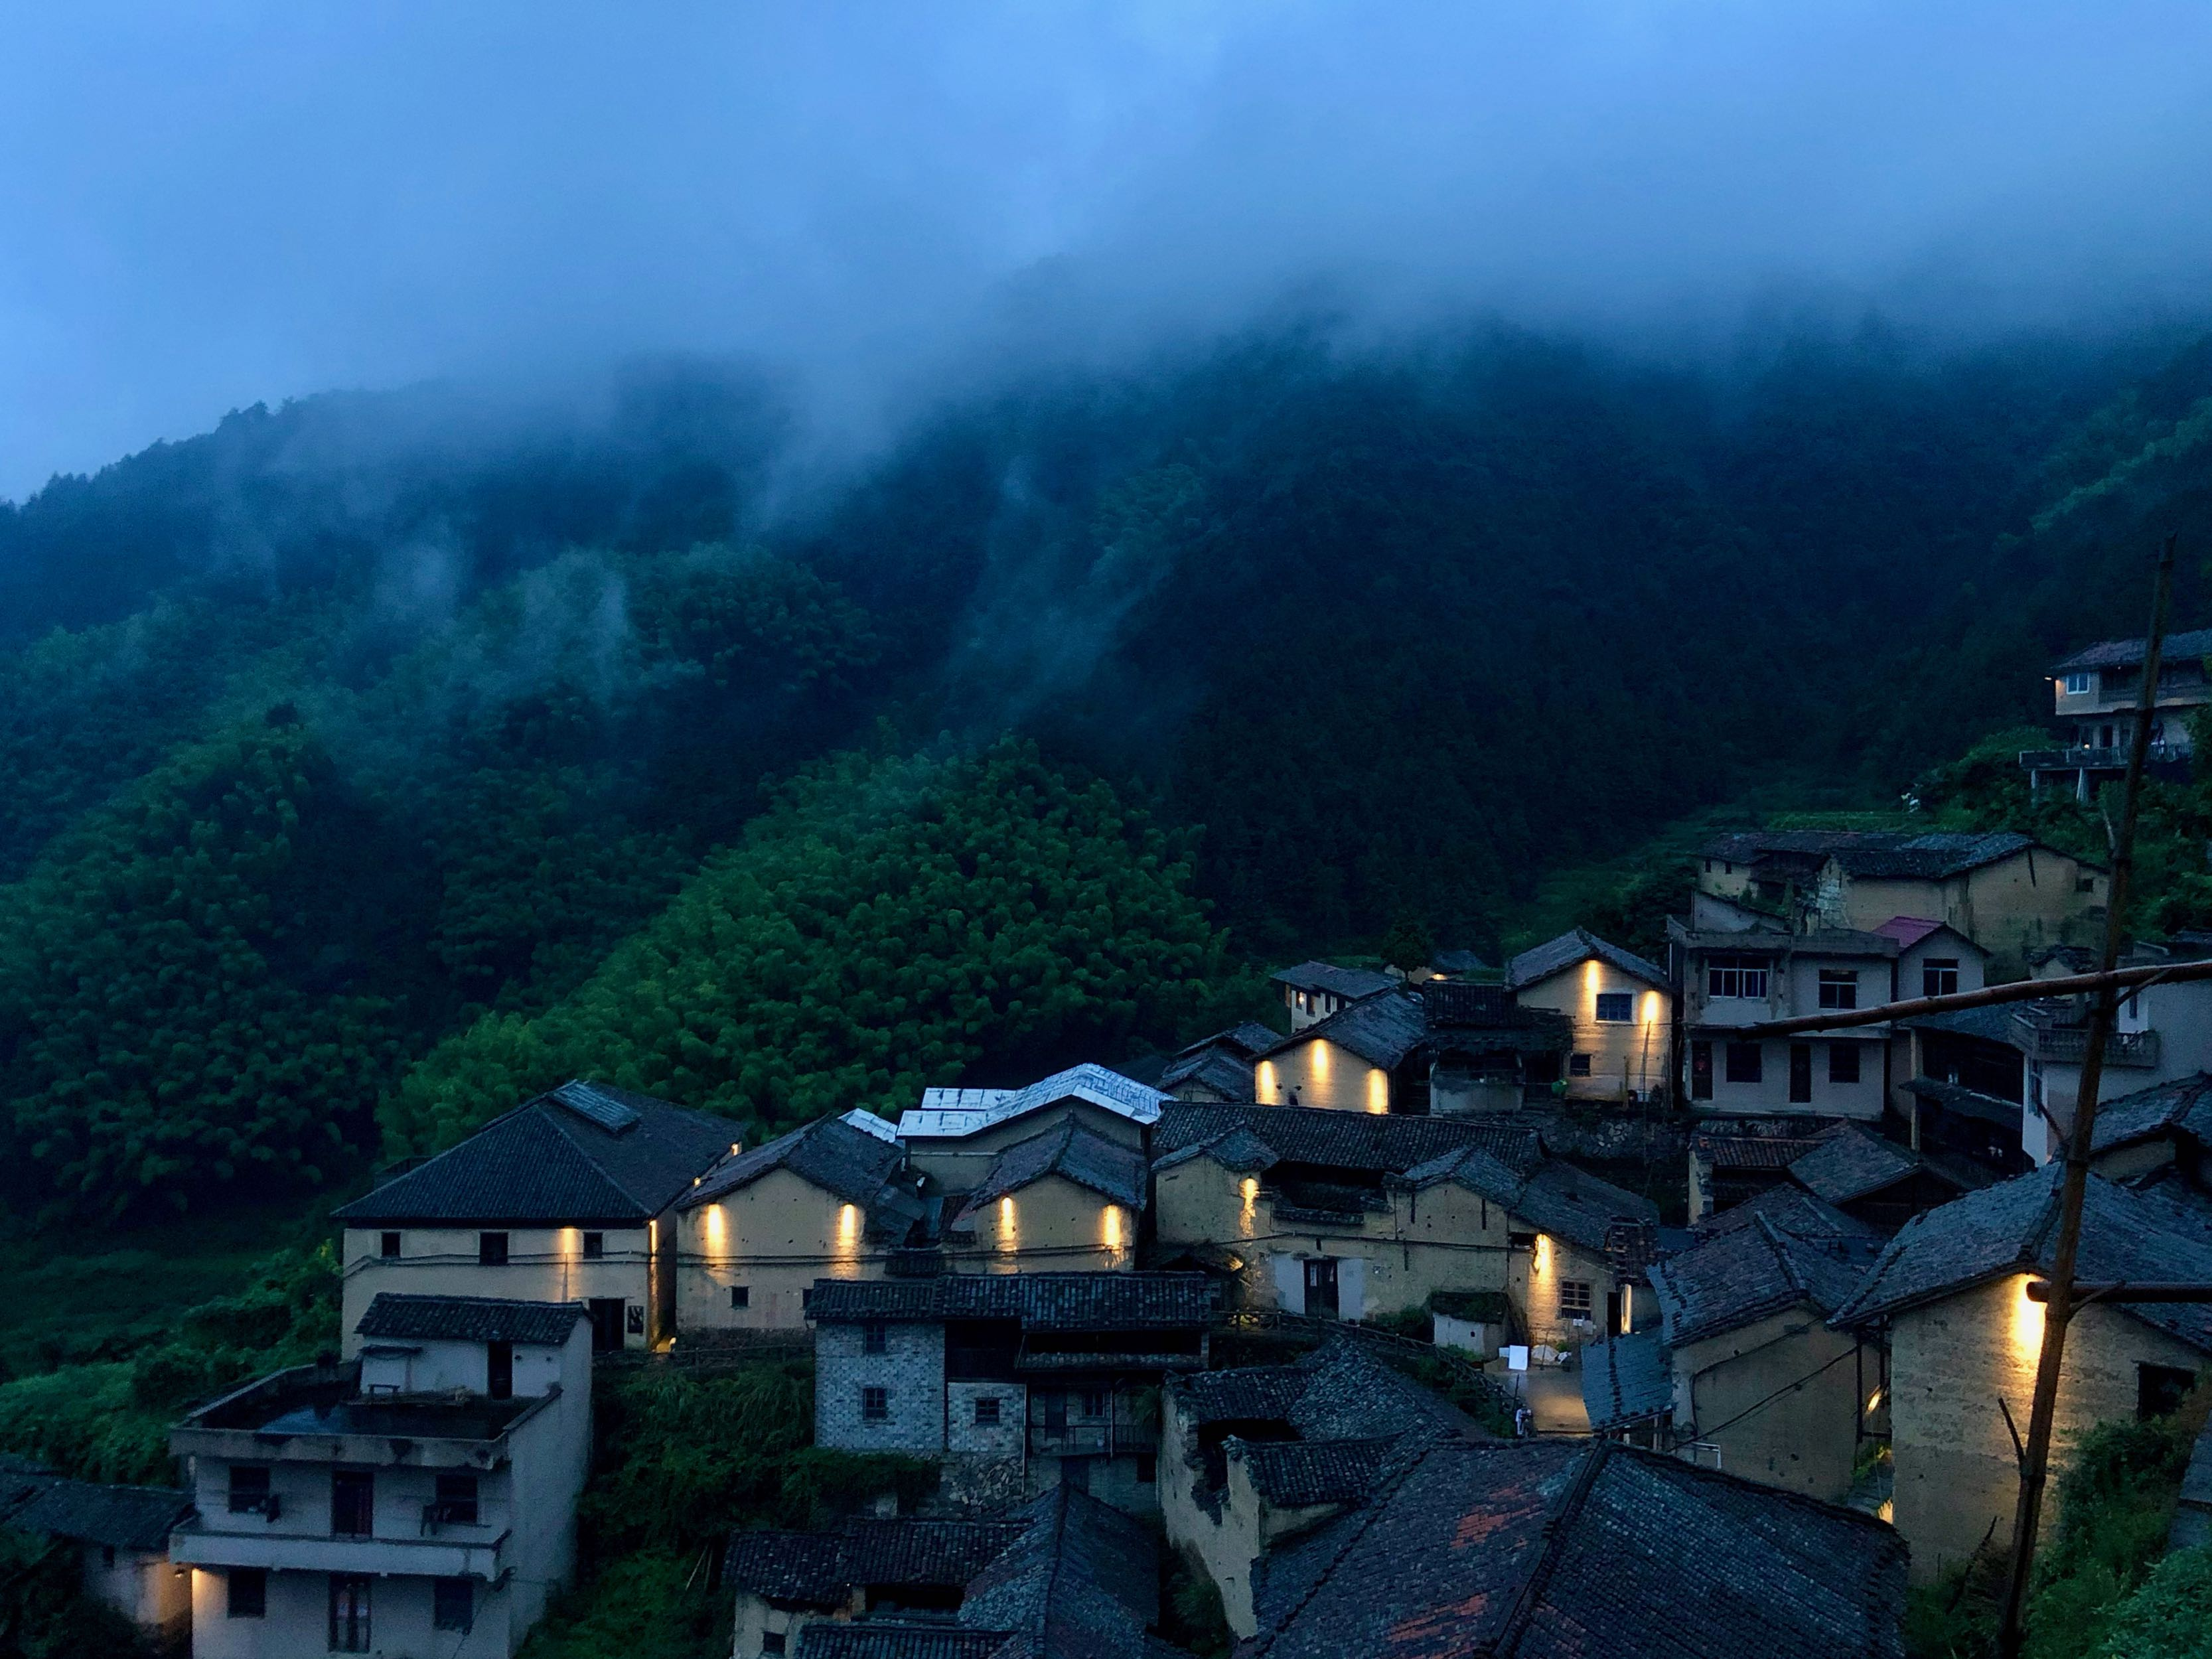 Night in Chenjiapu